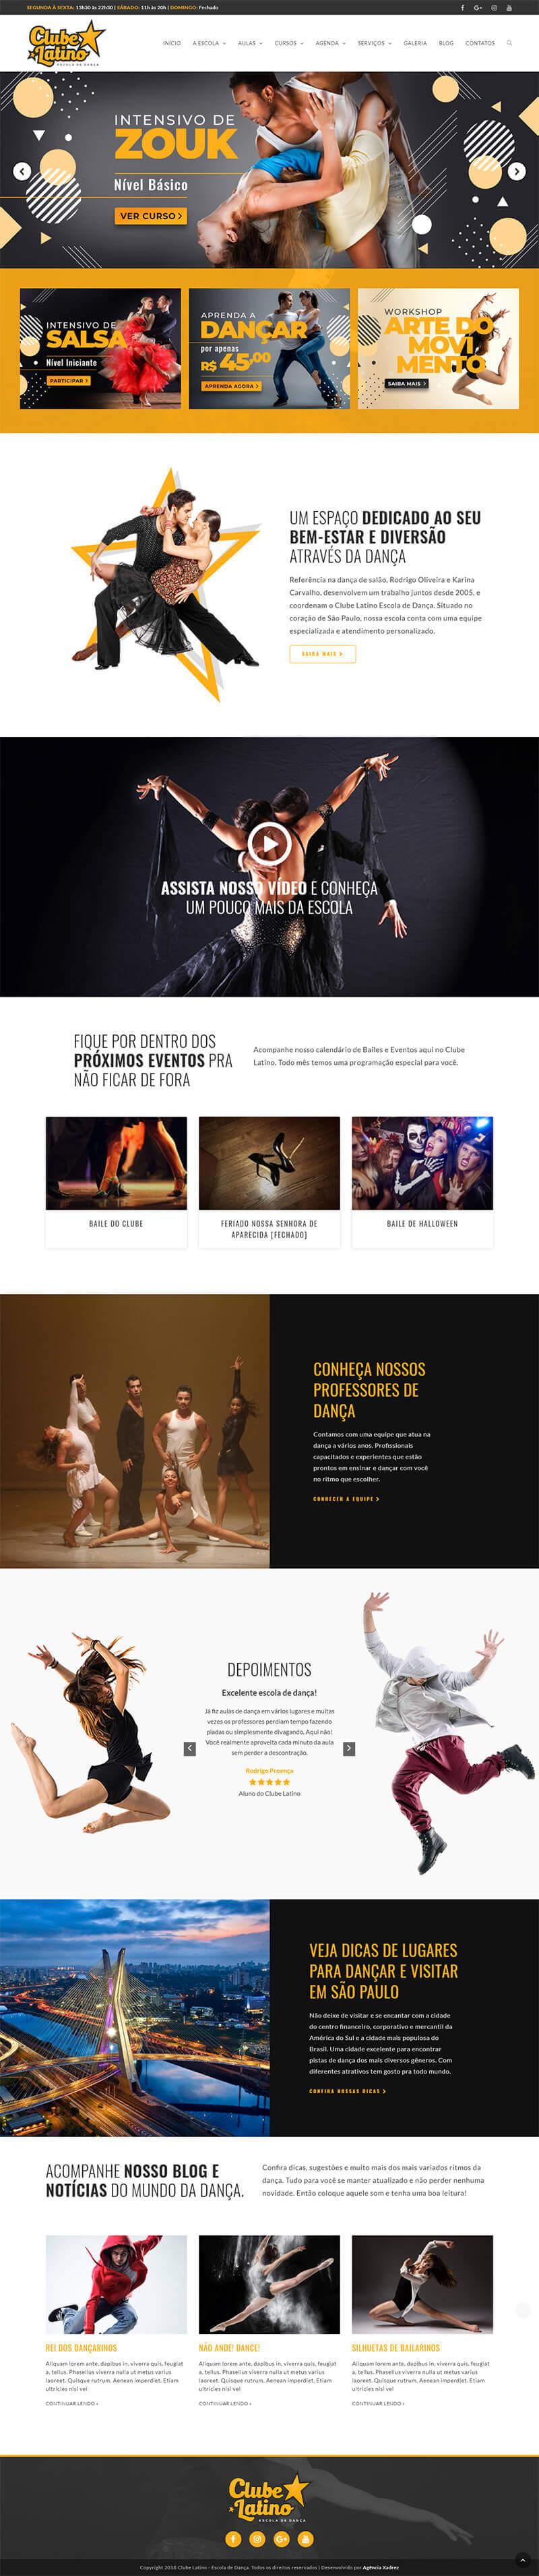 Página inicial do site responsivo Clube latino